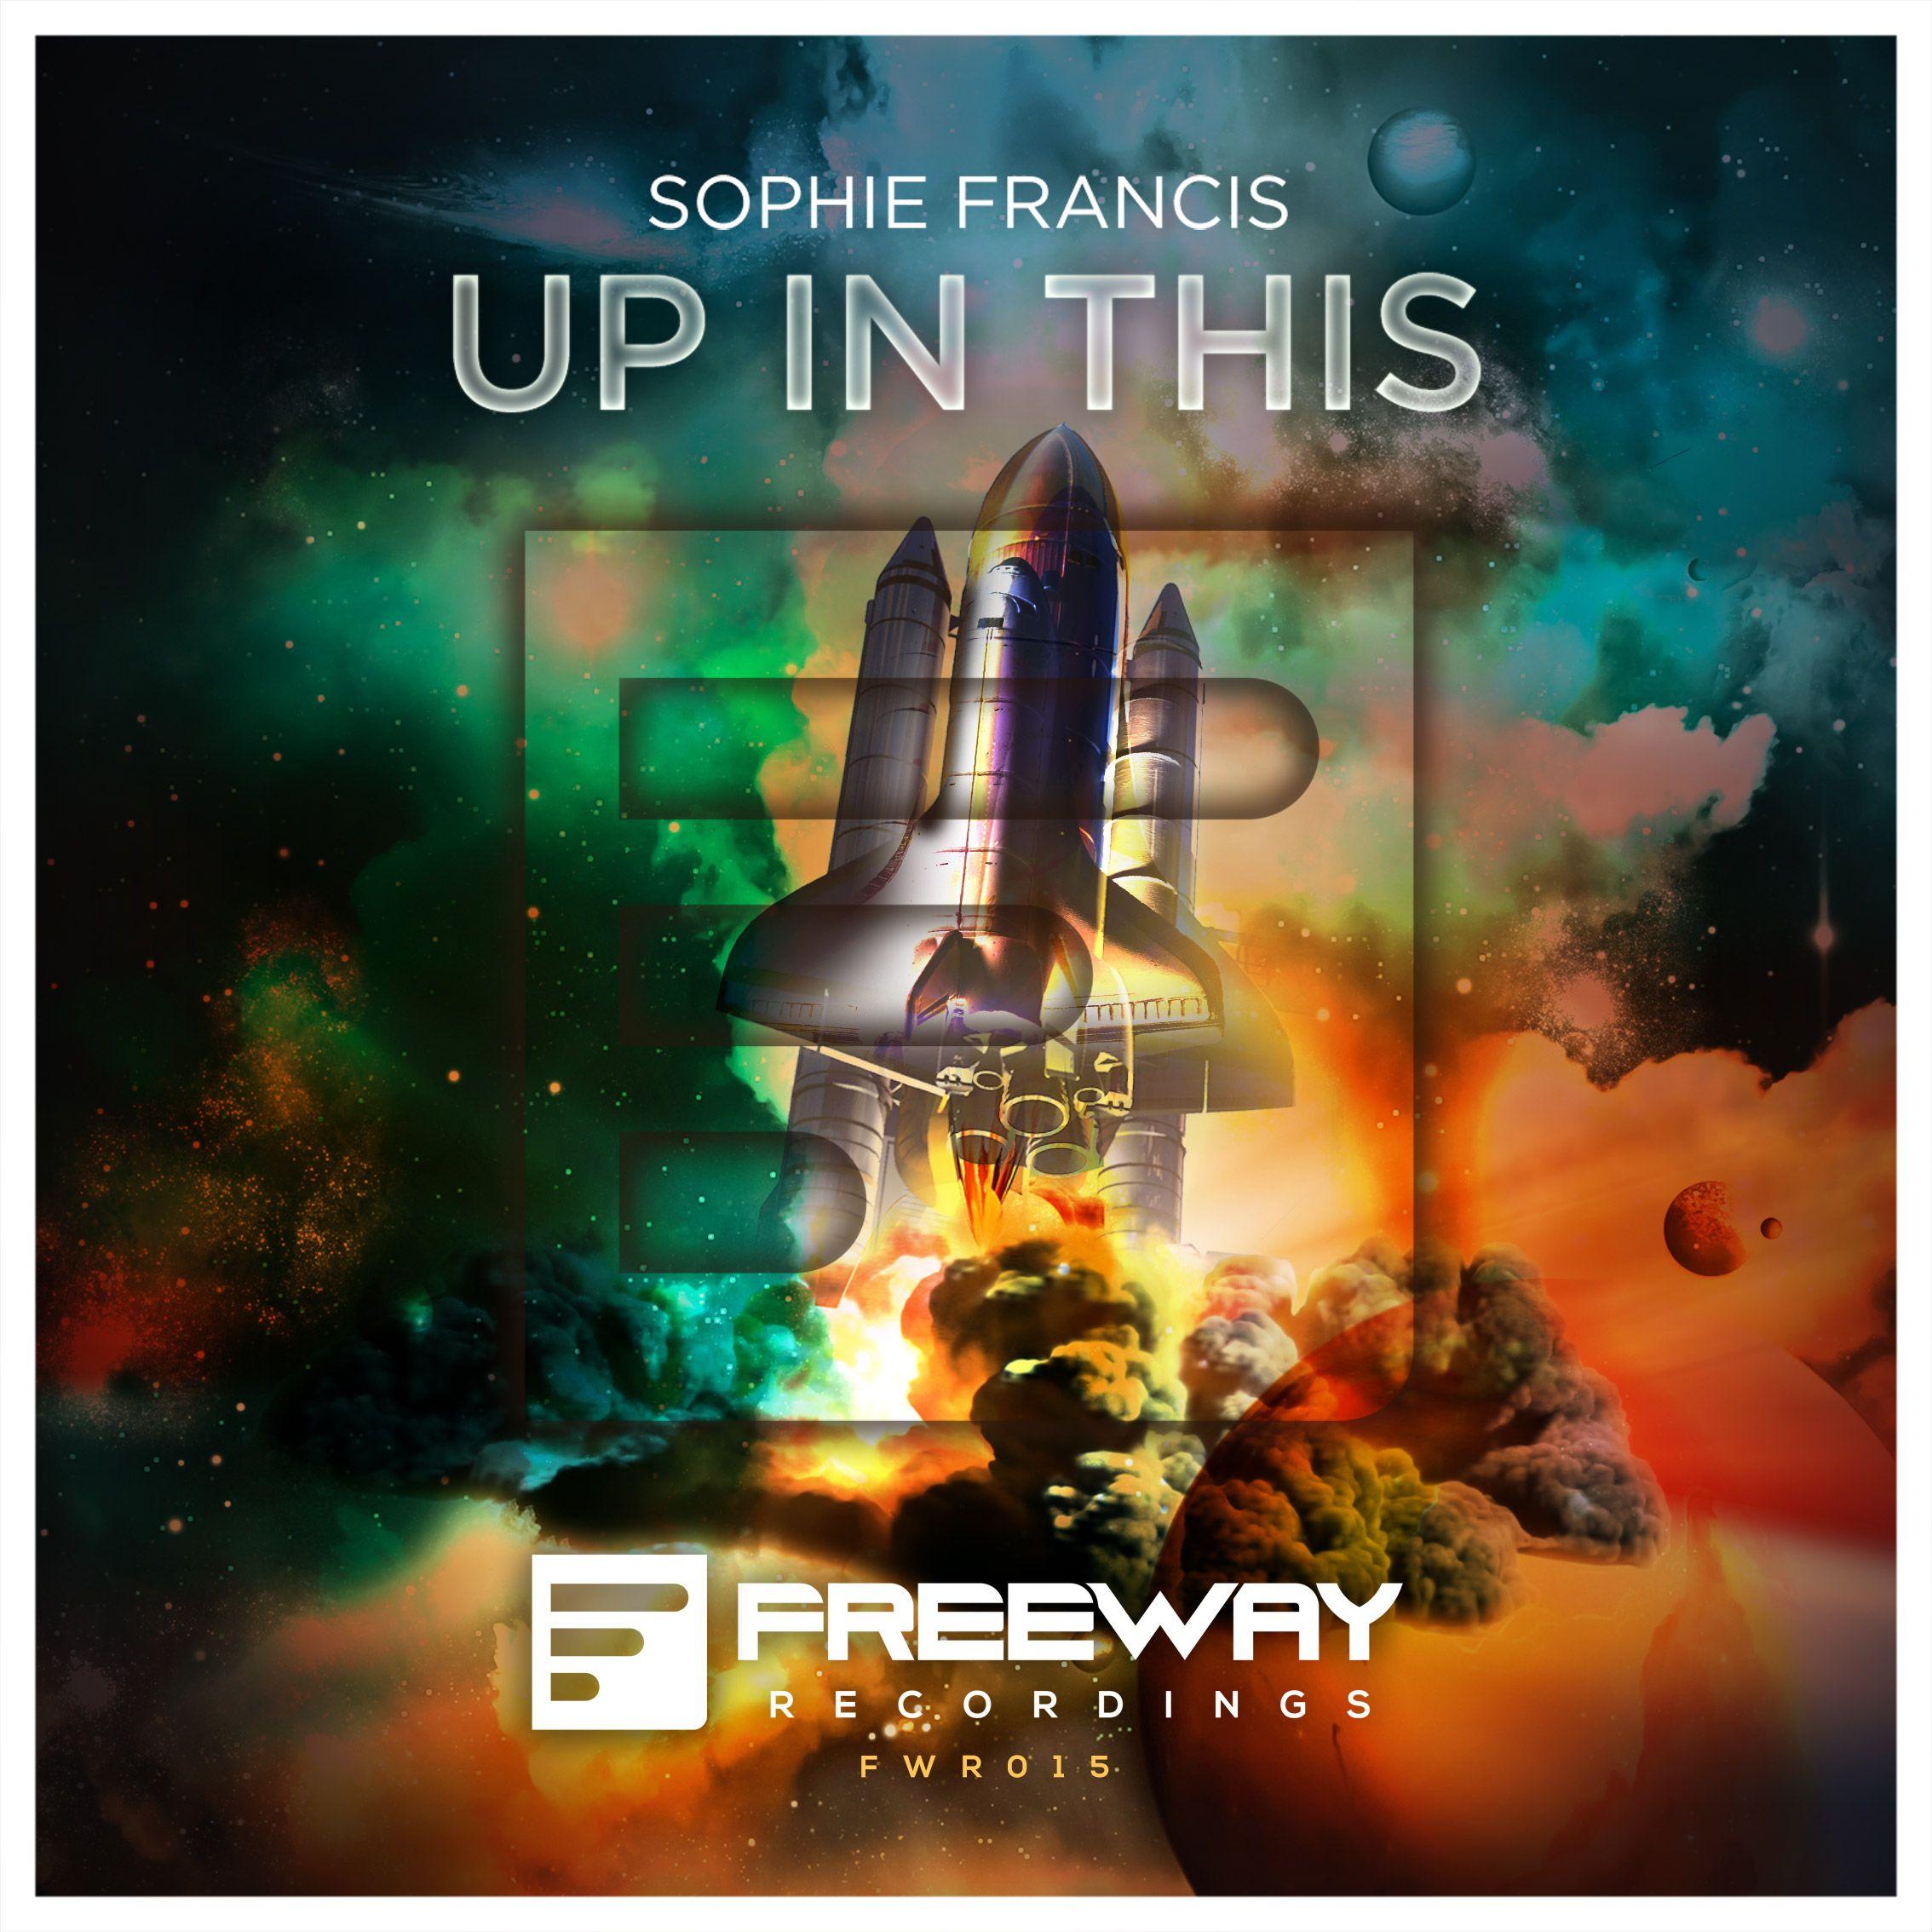 sophie-francis-up-in-this-10-def.jpg